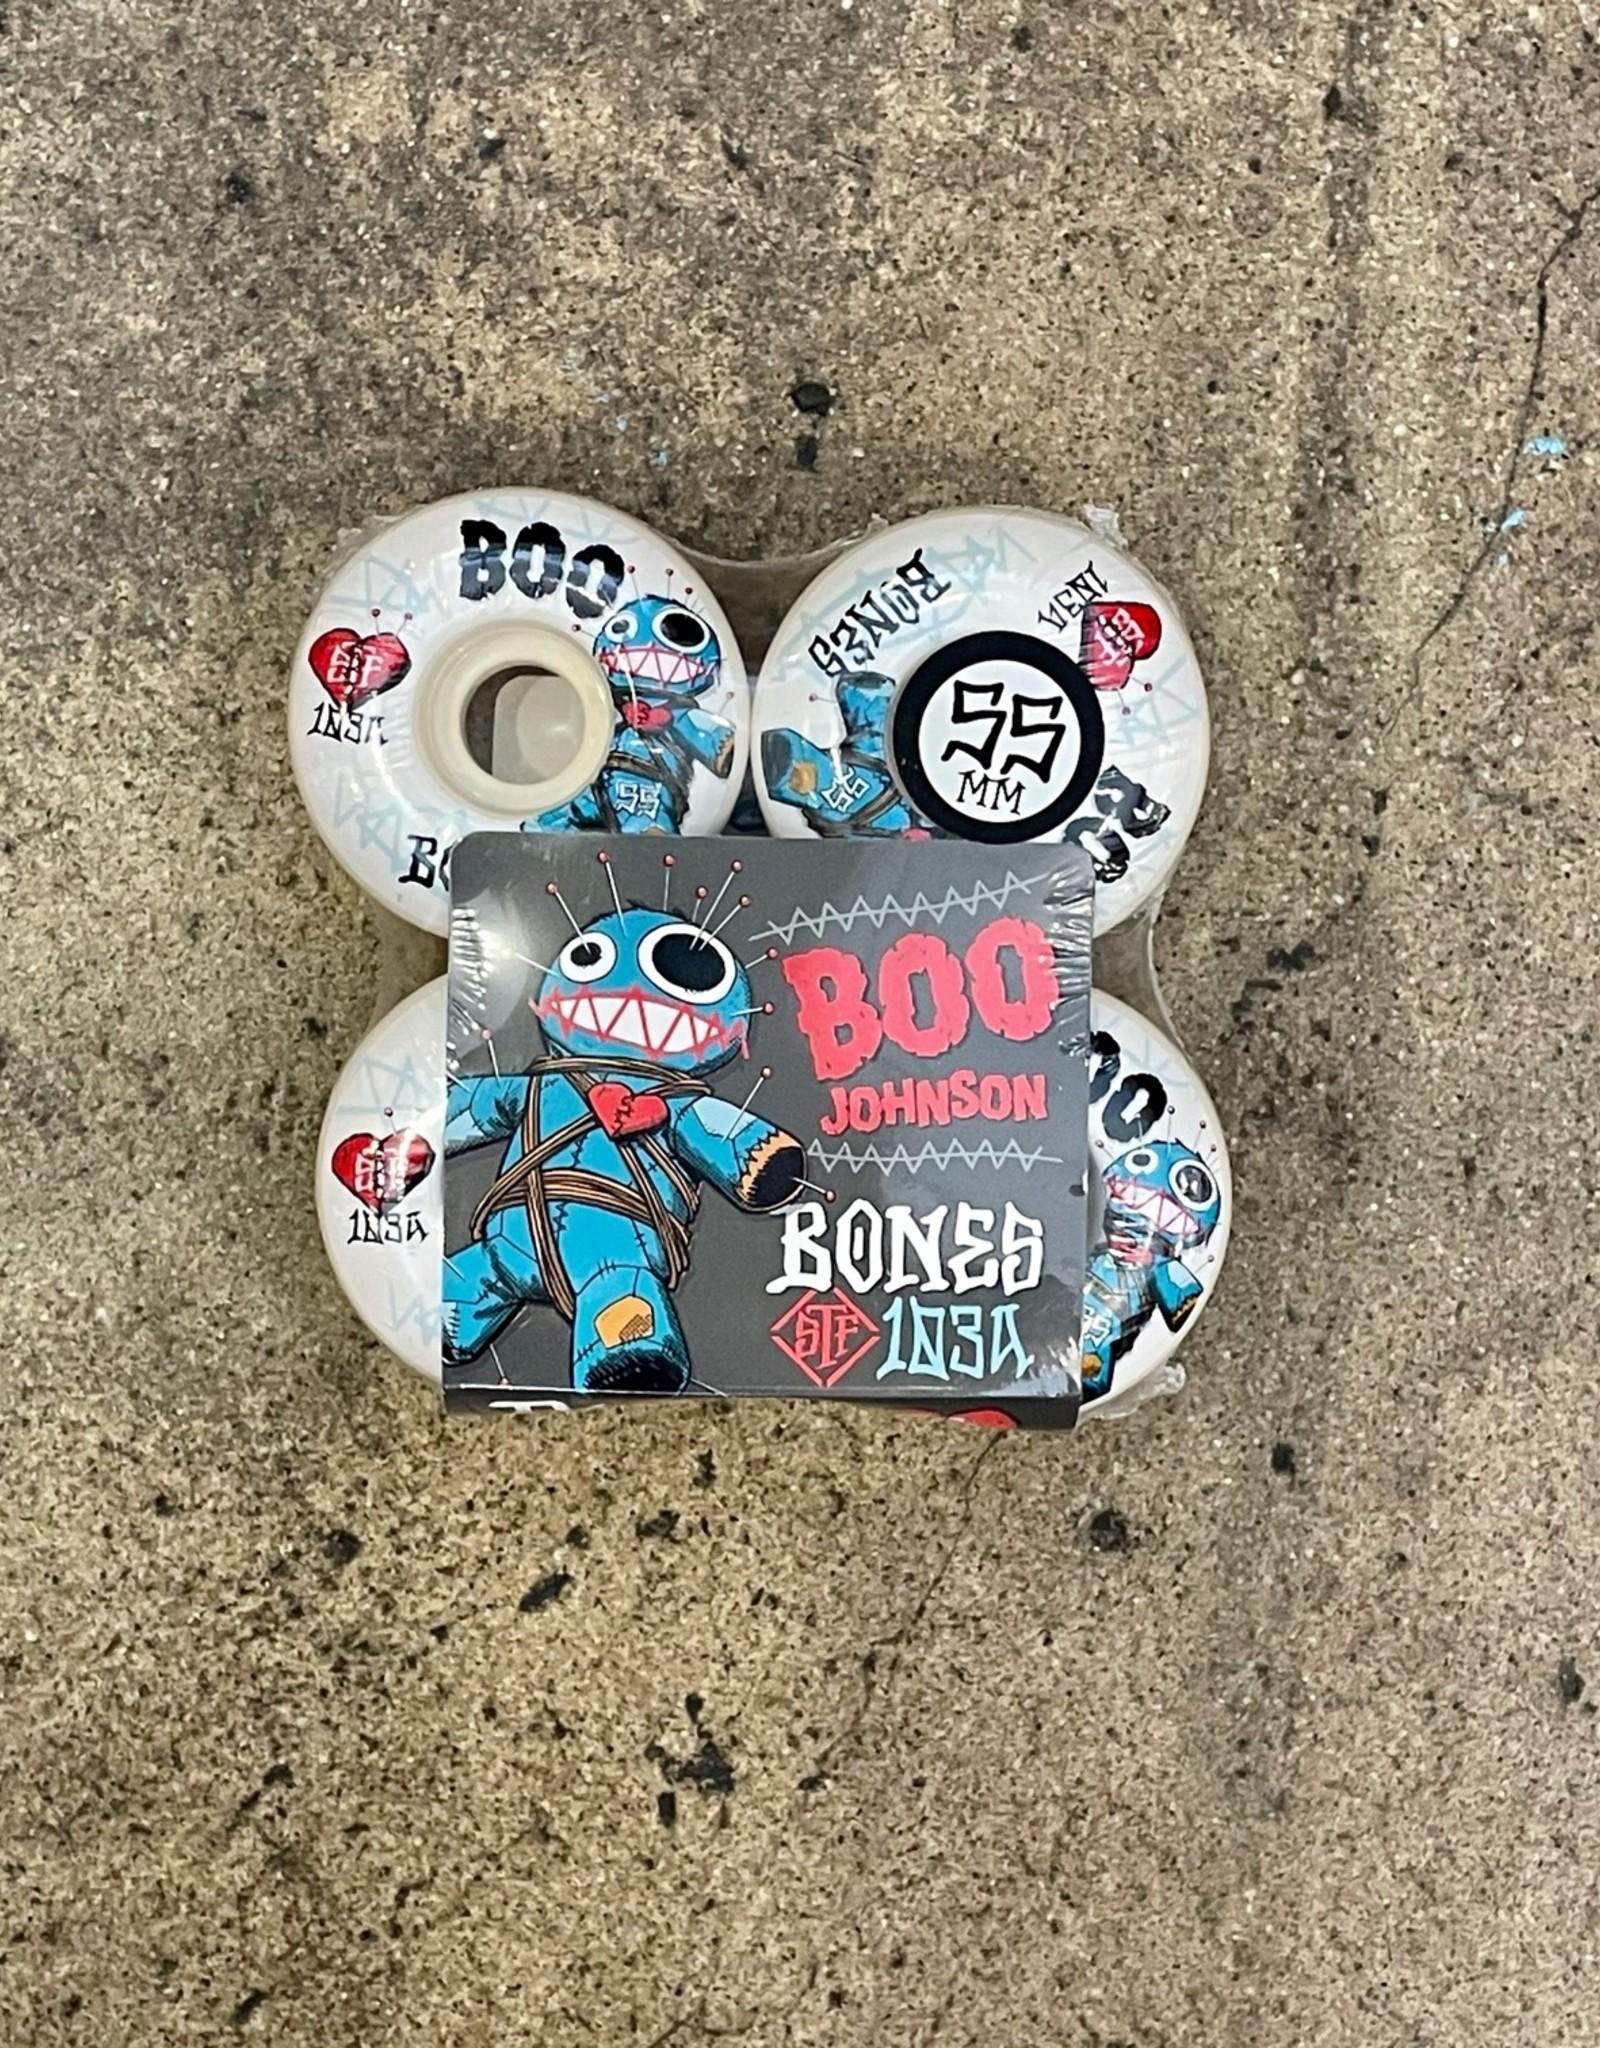 BONES BOO VOODOO V4 WIDE BONES STF 103A - 55MM